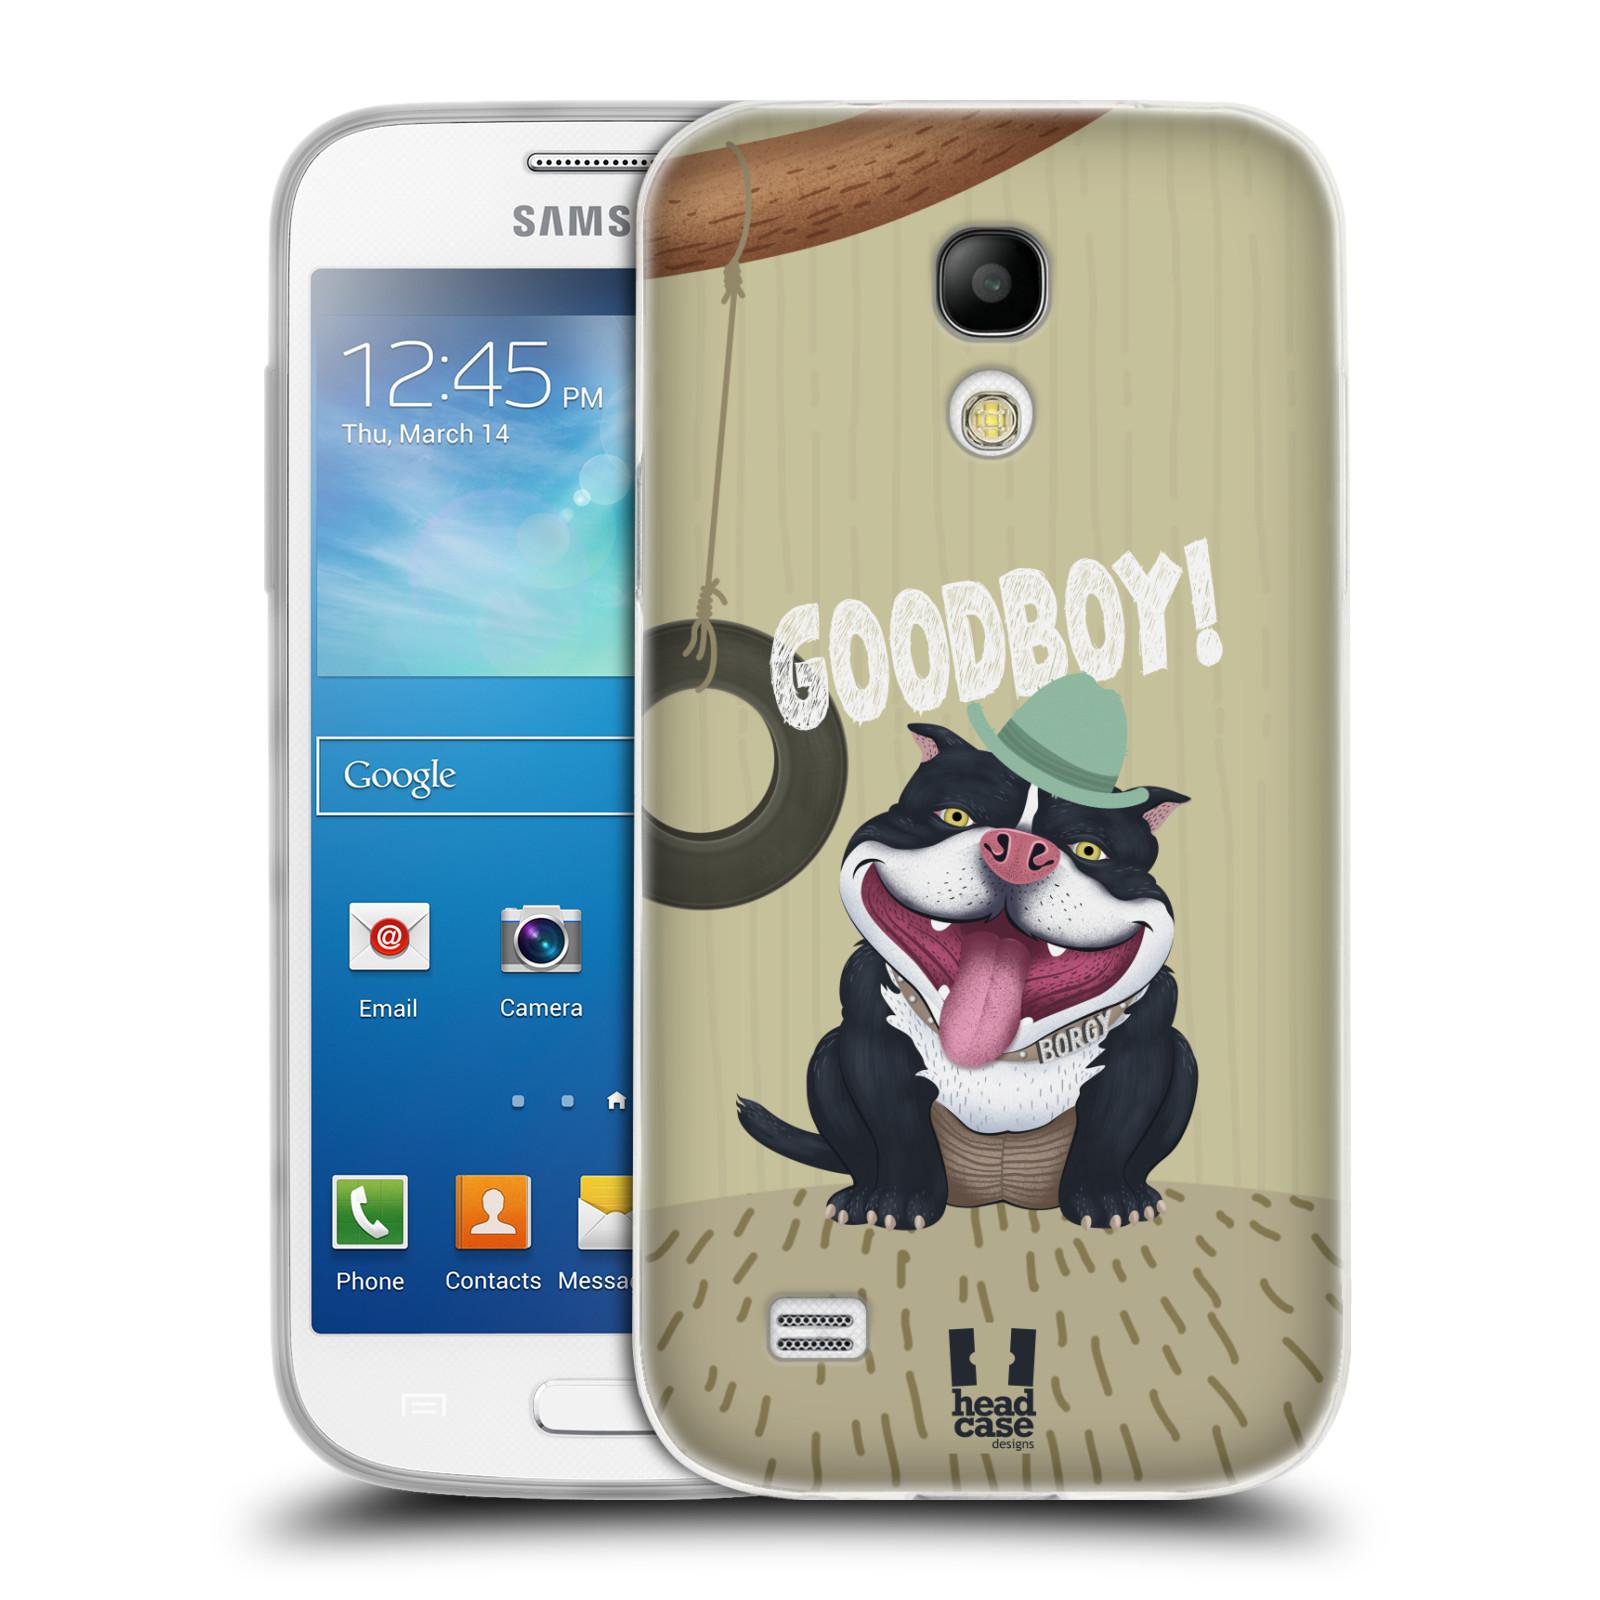 Silikonové pouzdro na mobil Samsung Galaxy S4 Mini HEAD CASE Goodboy! Pejsek (Silikonový kryt či obal na mobilní telefon Samsung Galaxy S4 Mini GT-i9195 / i9190)